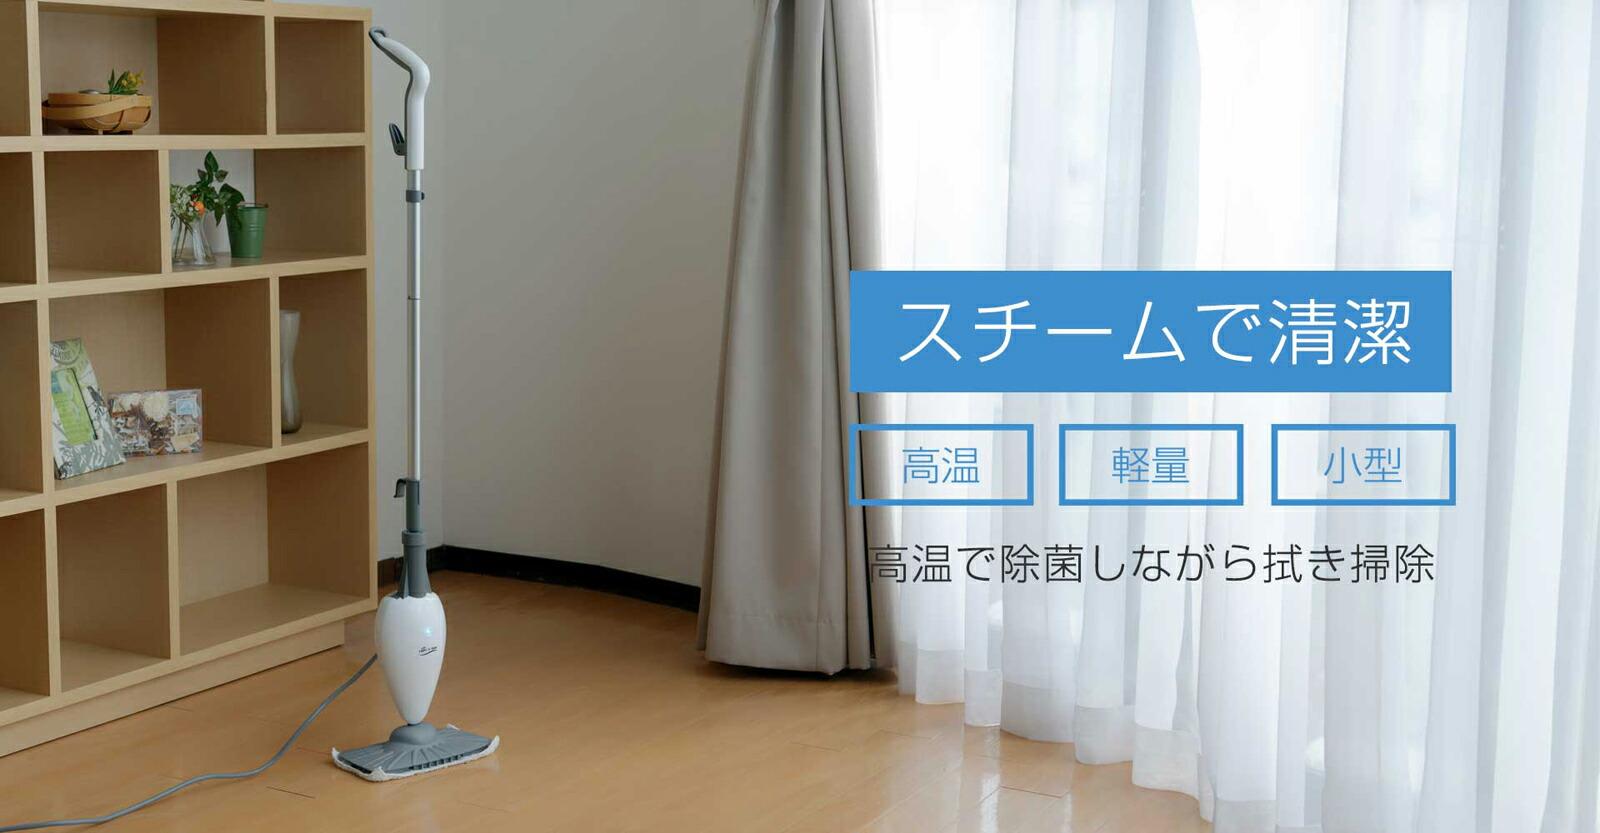 スチームで清潔 高温 軽量 小型 高温で除菌しながら拭き掃除